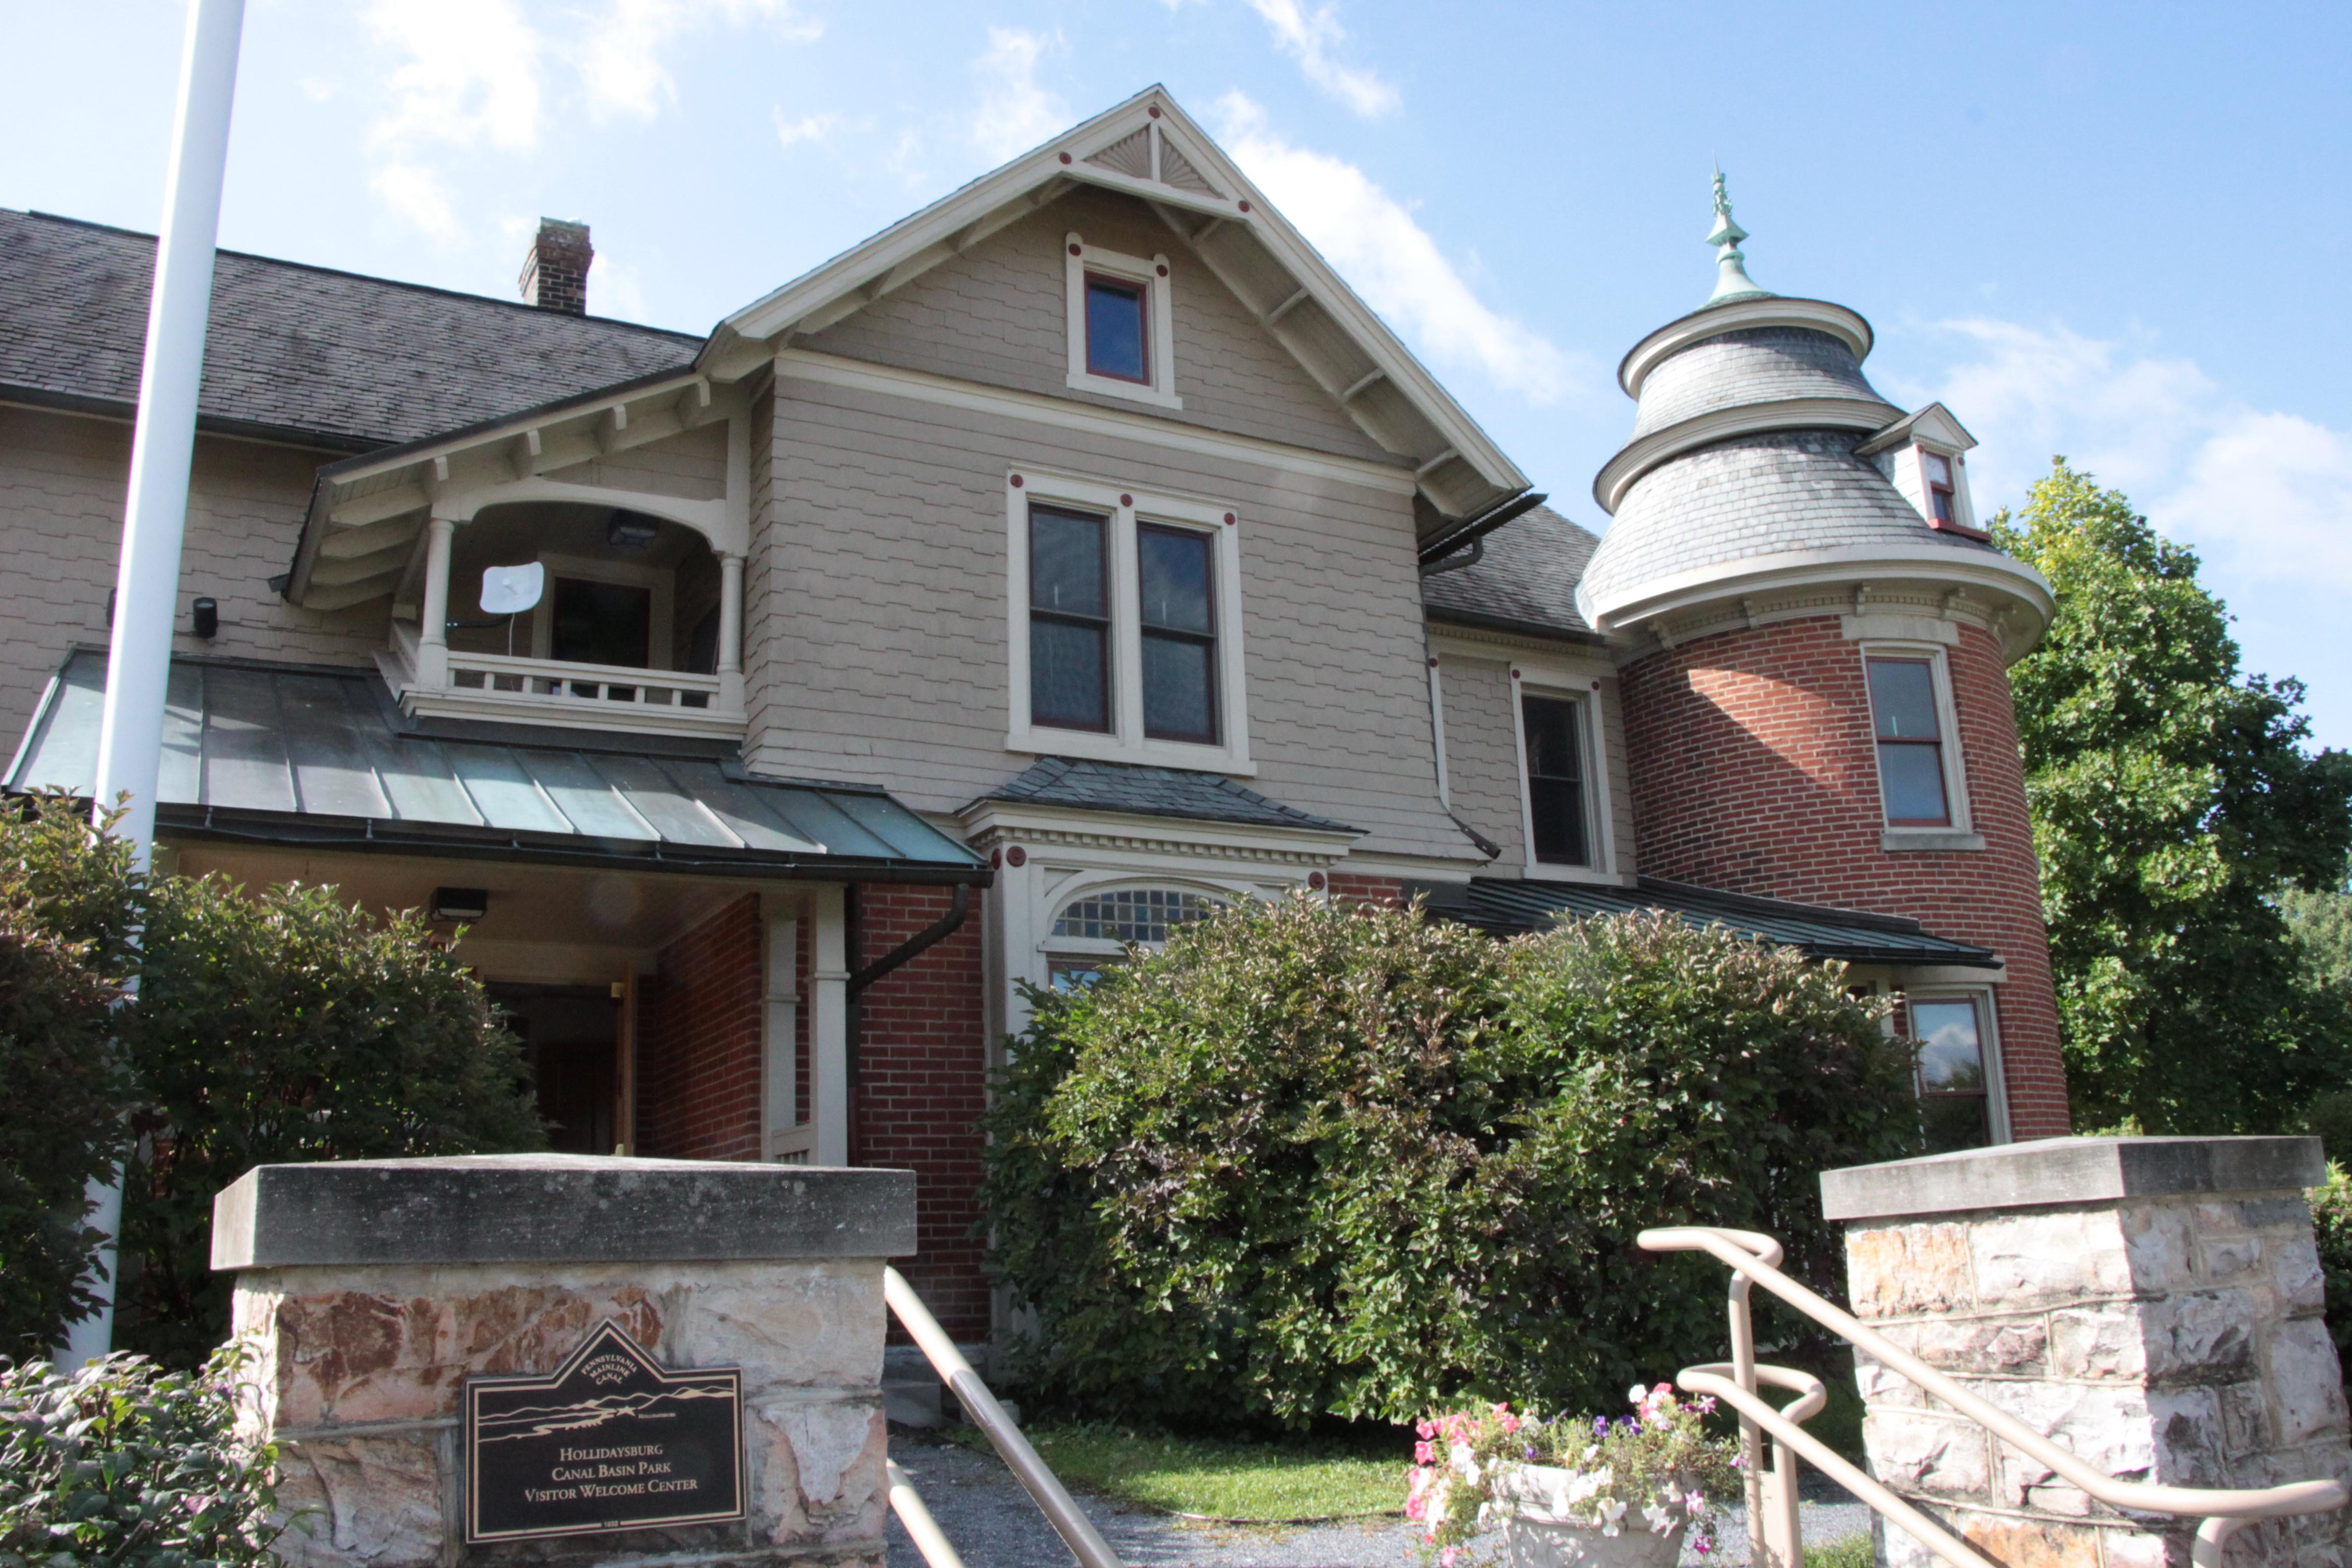 Lockmaster's house